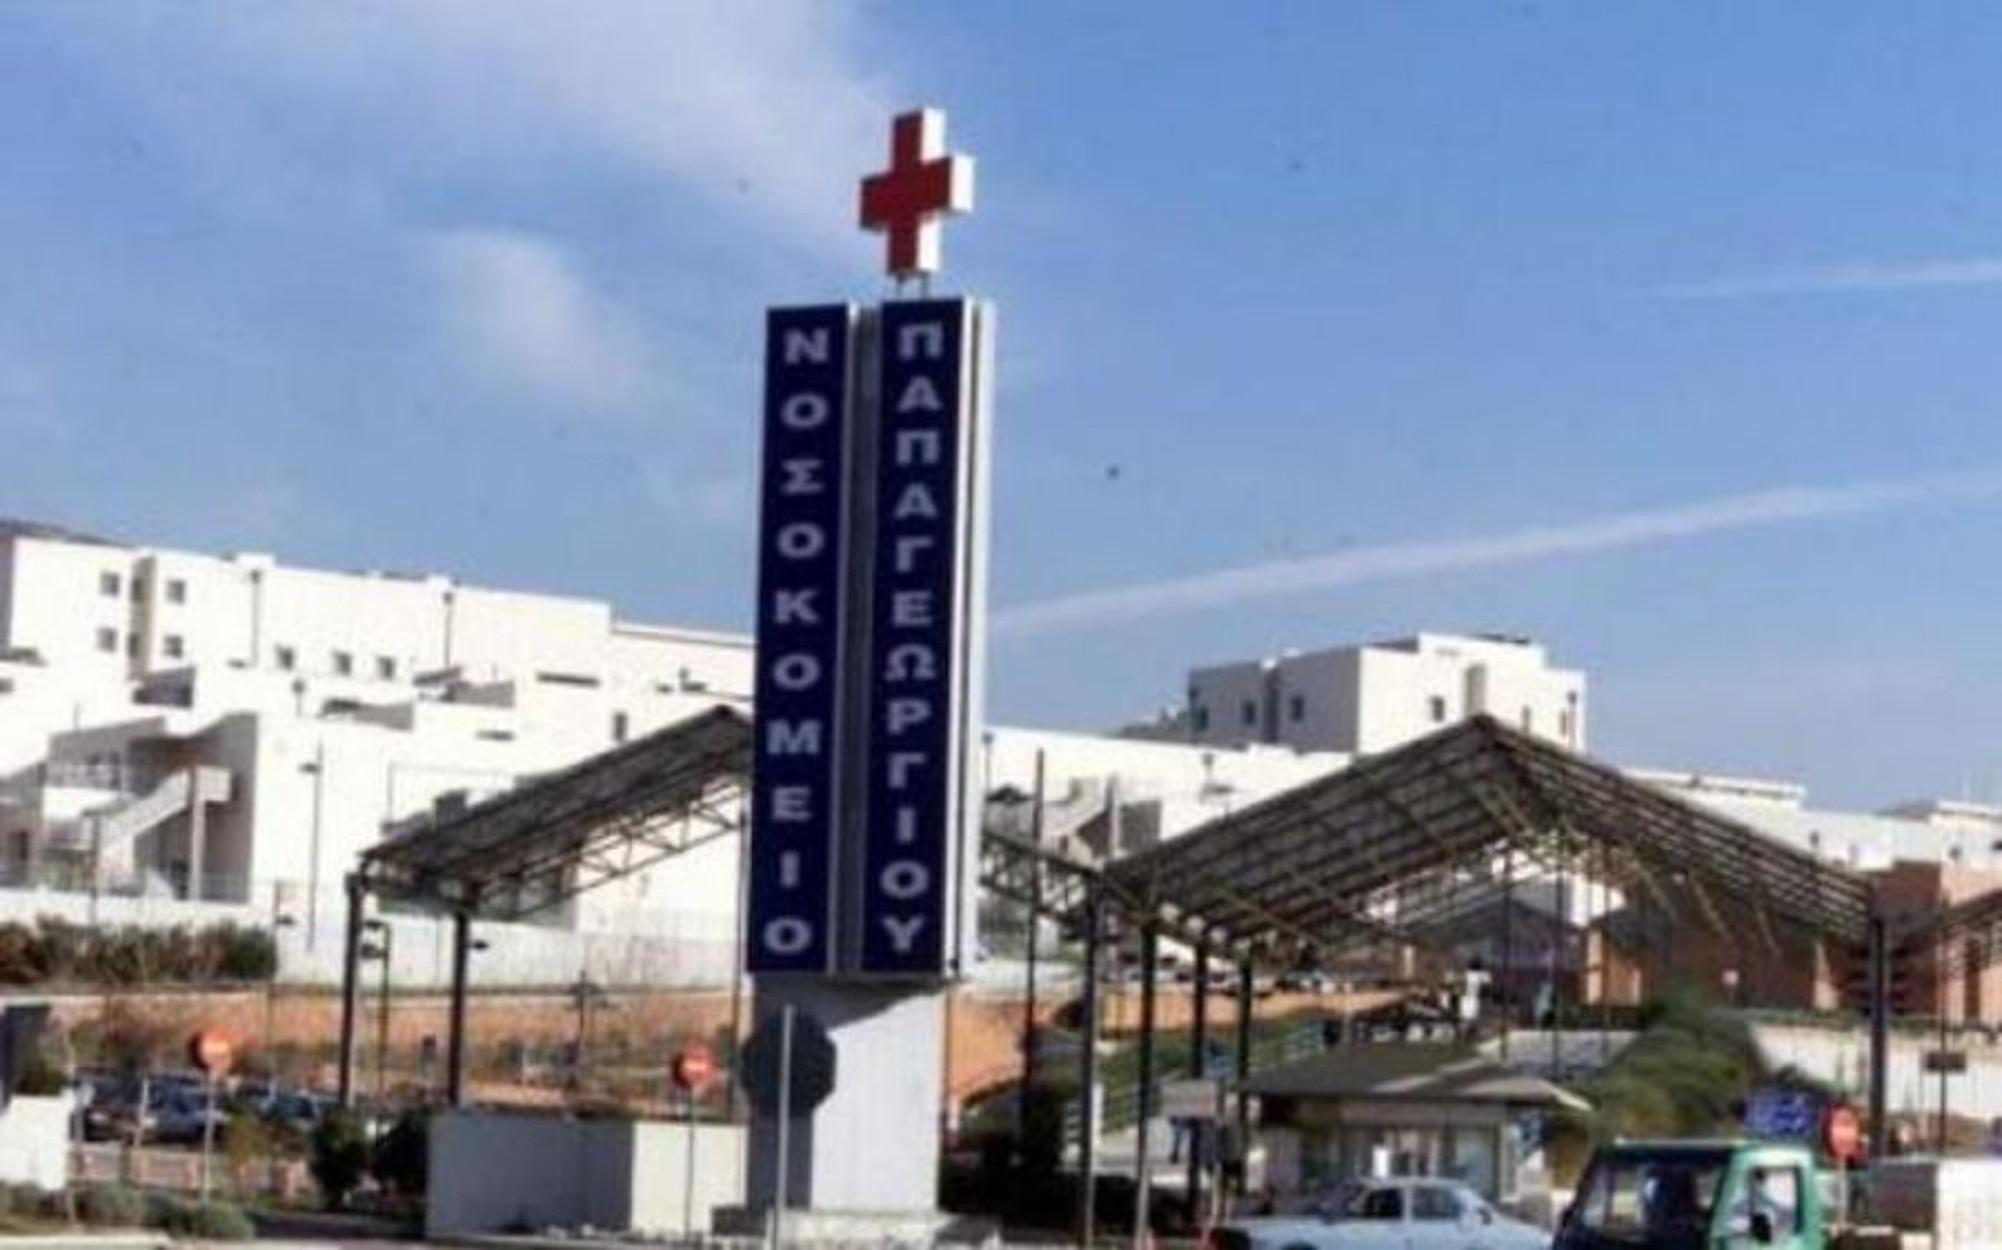 Θεσσαλονίκη: 52χρονος χτύπησε τη σύντροφό του και την έστειλε στο νοσοκομείο